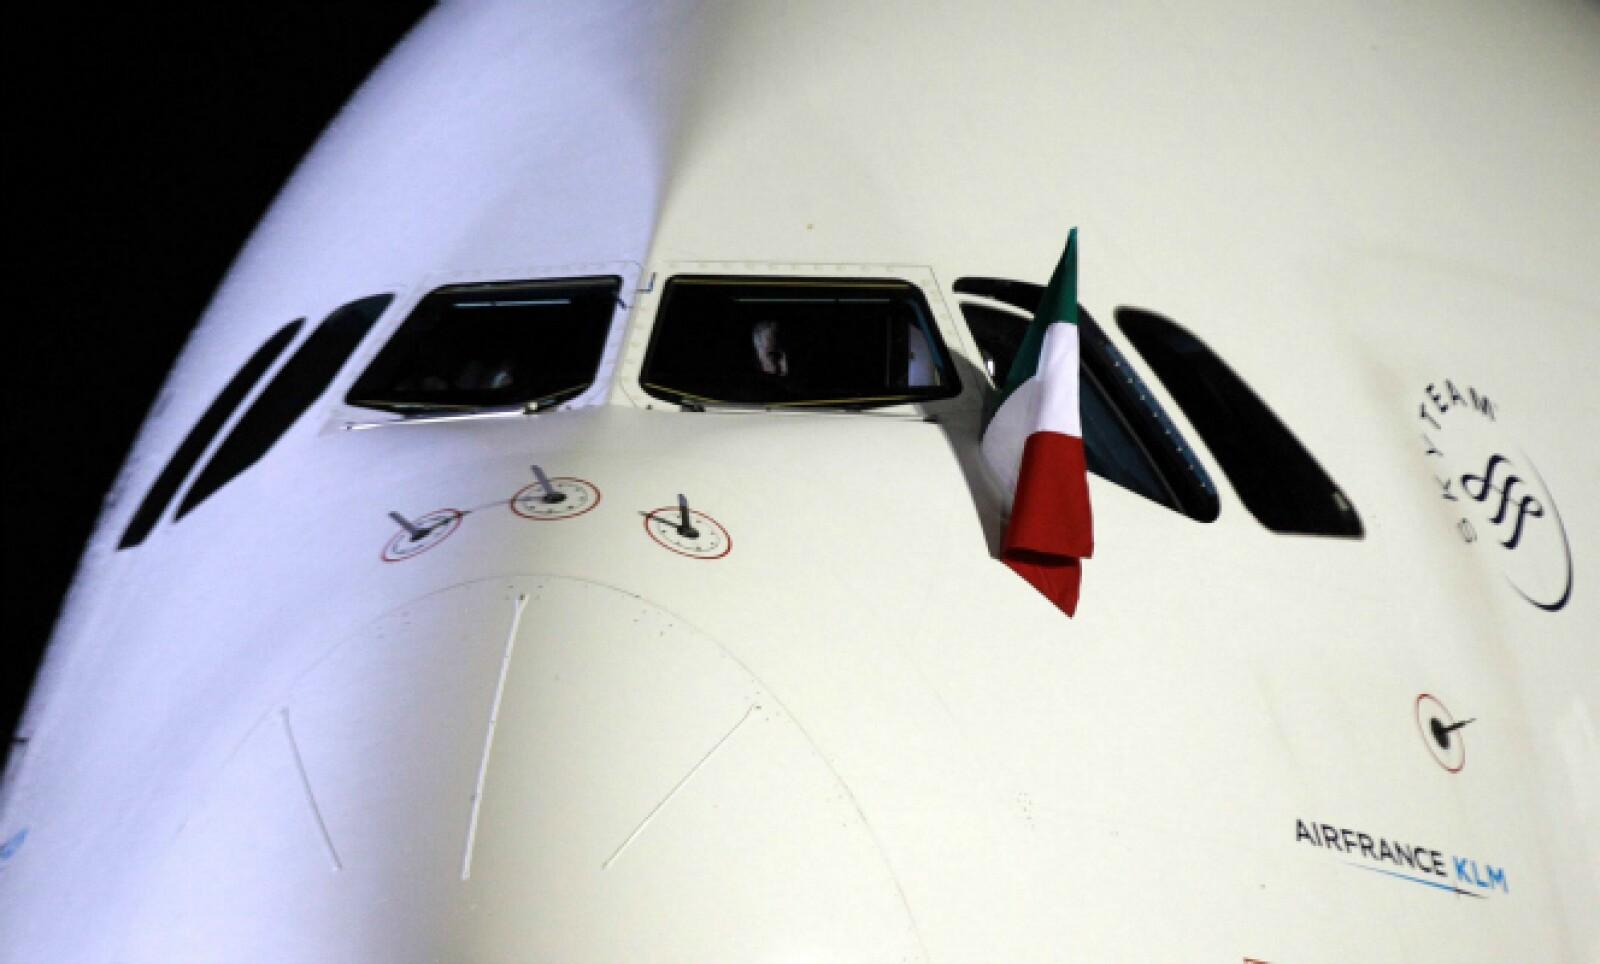 El avión fue recibido con música mexicana interpretada por un mariachi.